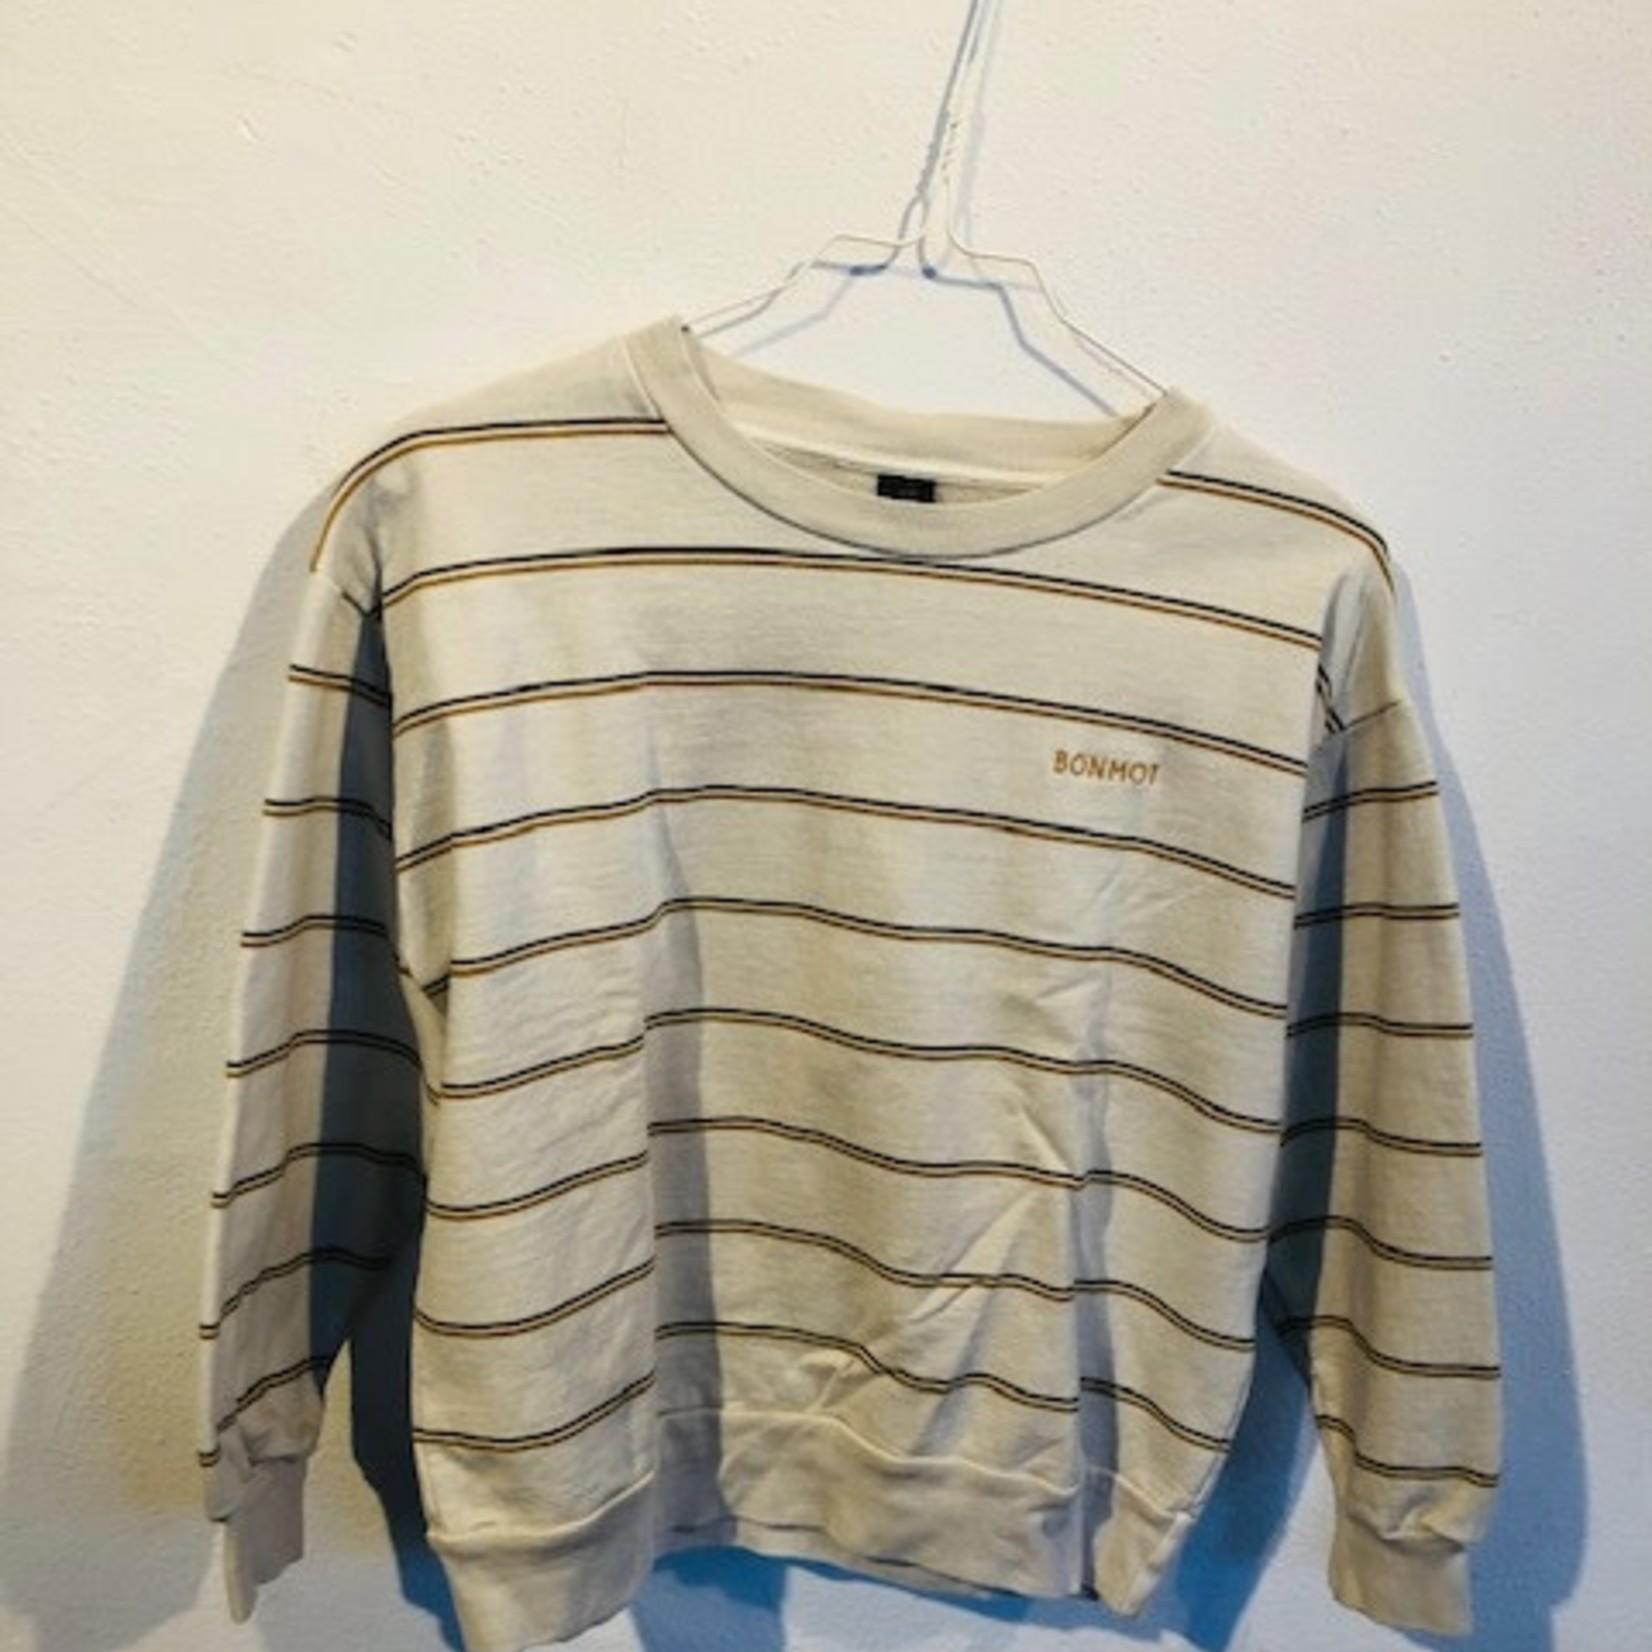 BONMOT BONMOT outlet sweater wit